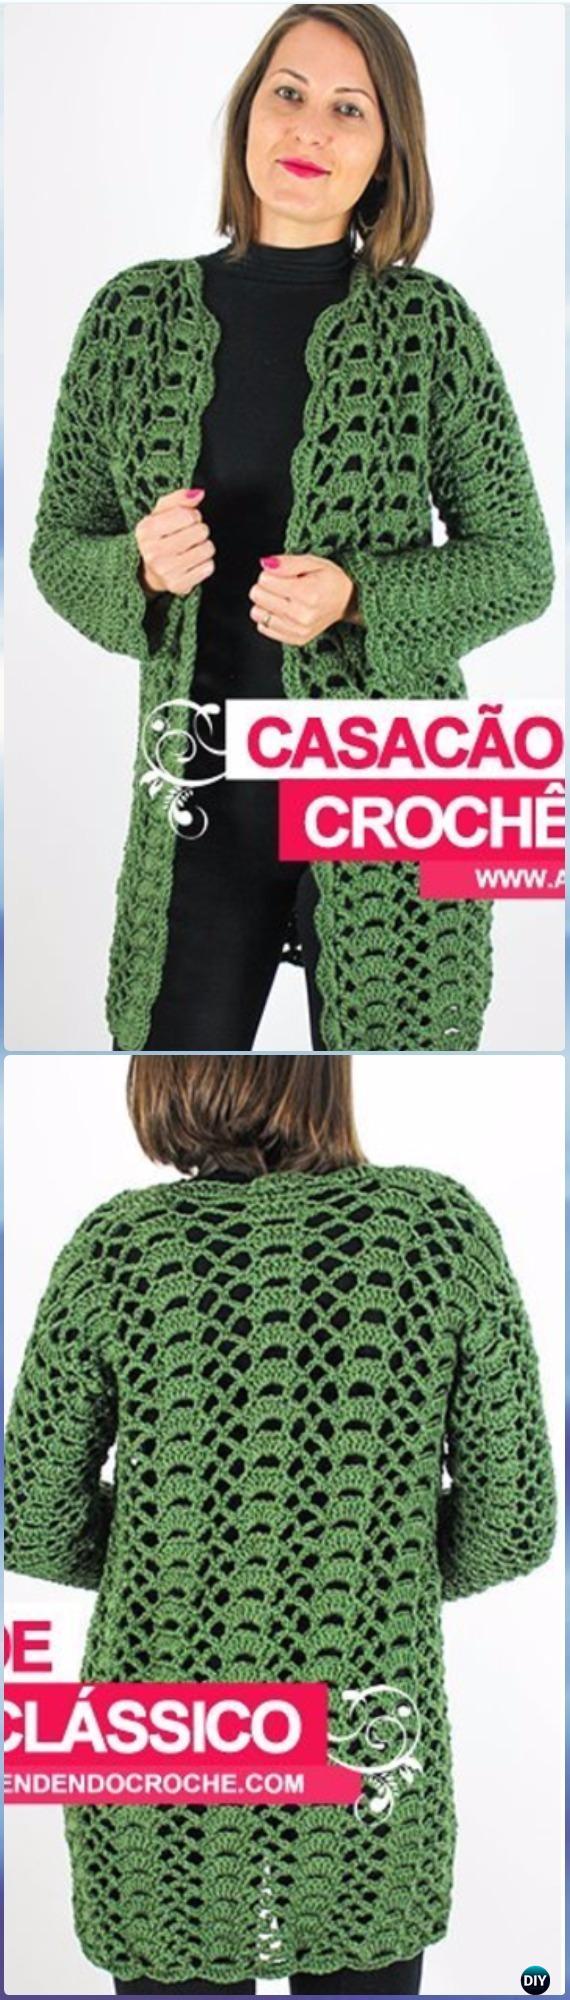 Crochet Women Sweater Coat Cardigan Free Patterns